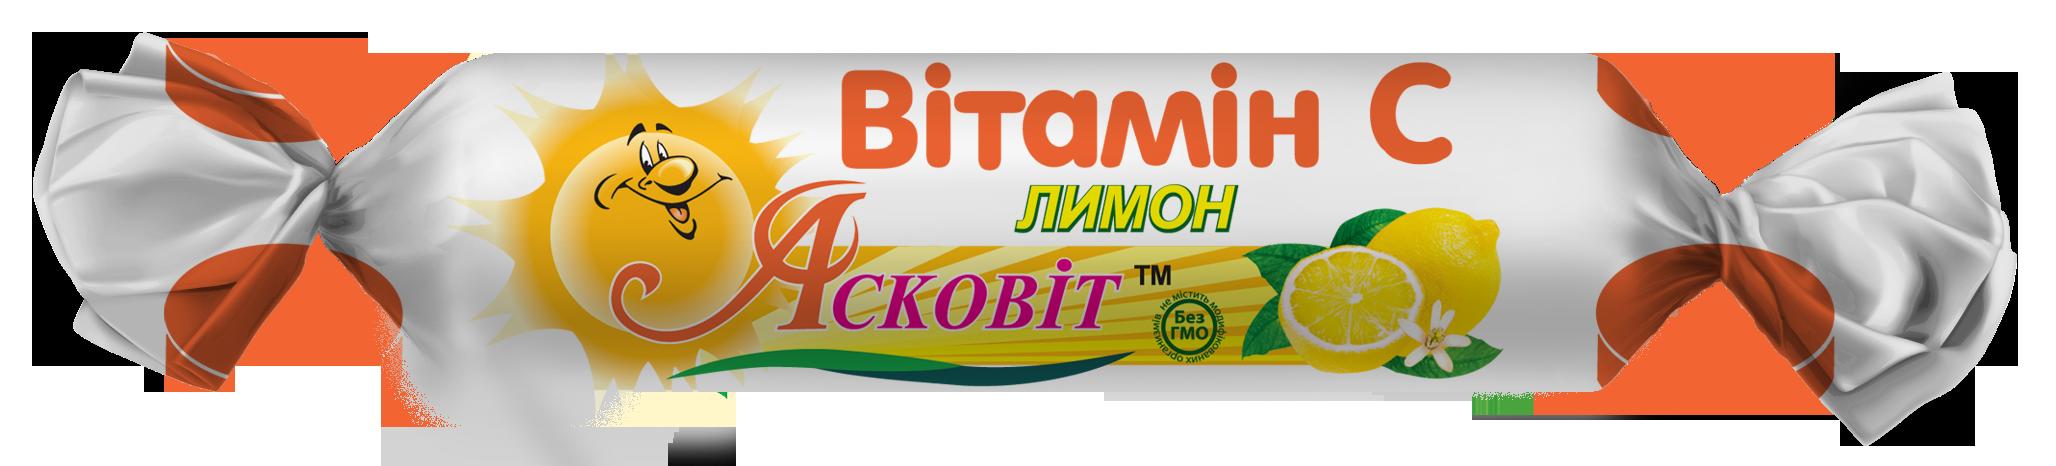 Асковит Лимон